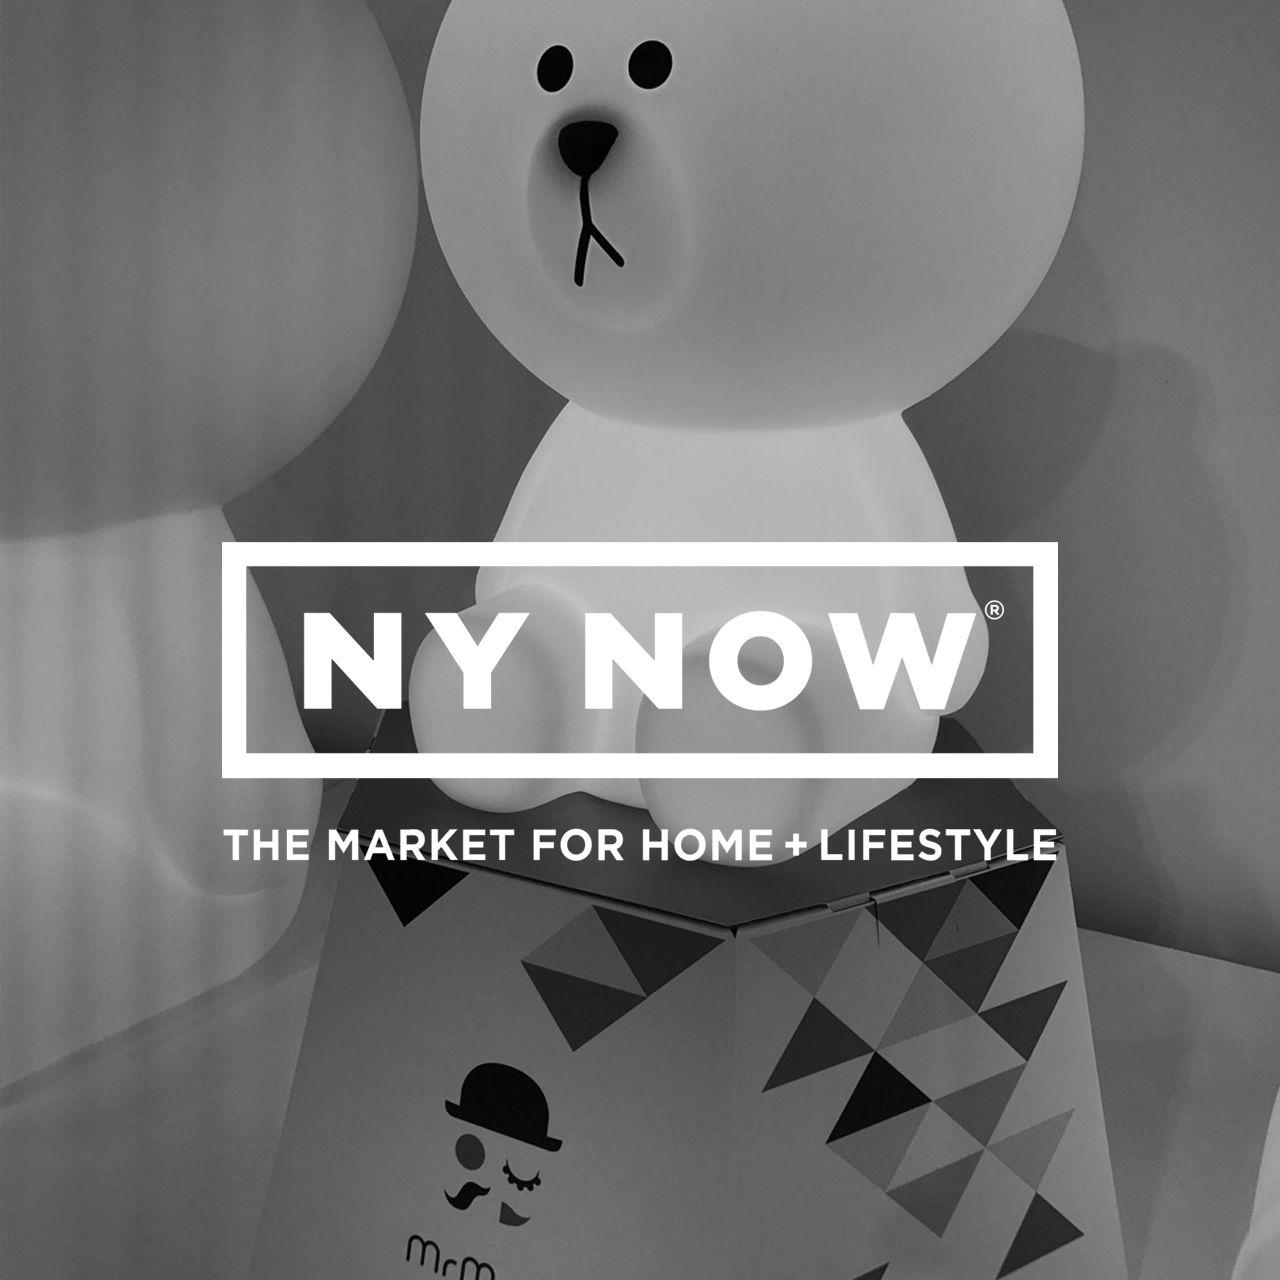 Mr Maria ist auf der Designmesse New York Now 2017 zu finden